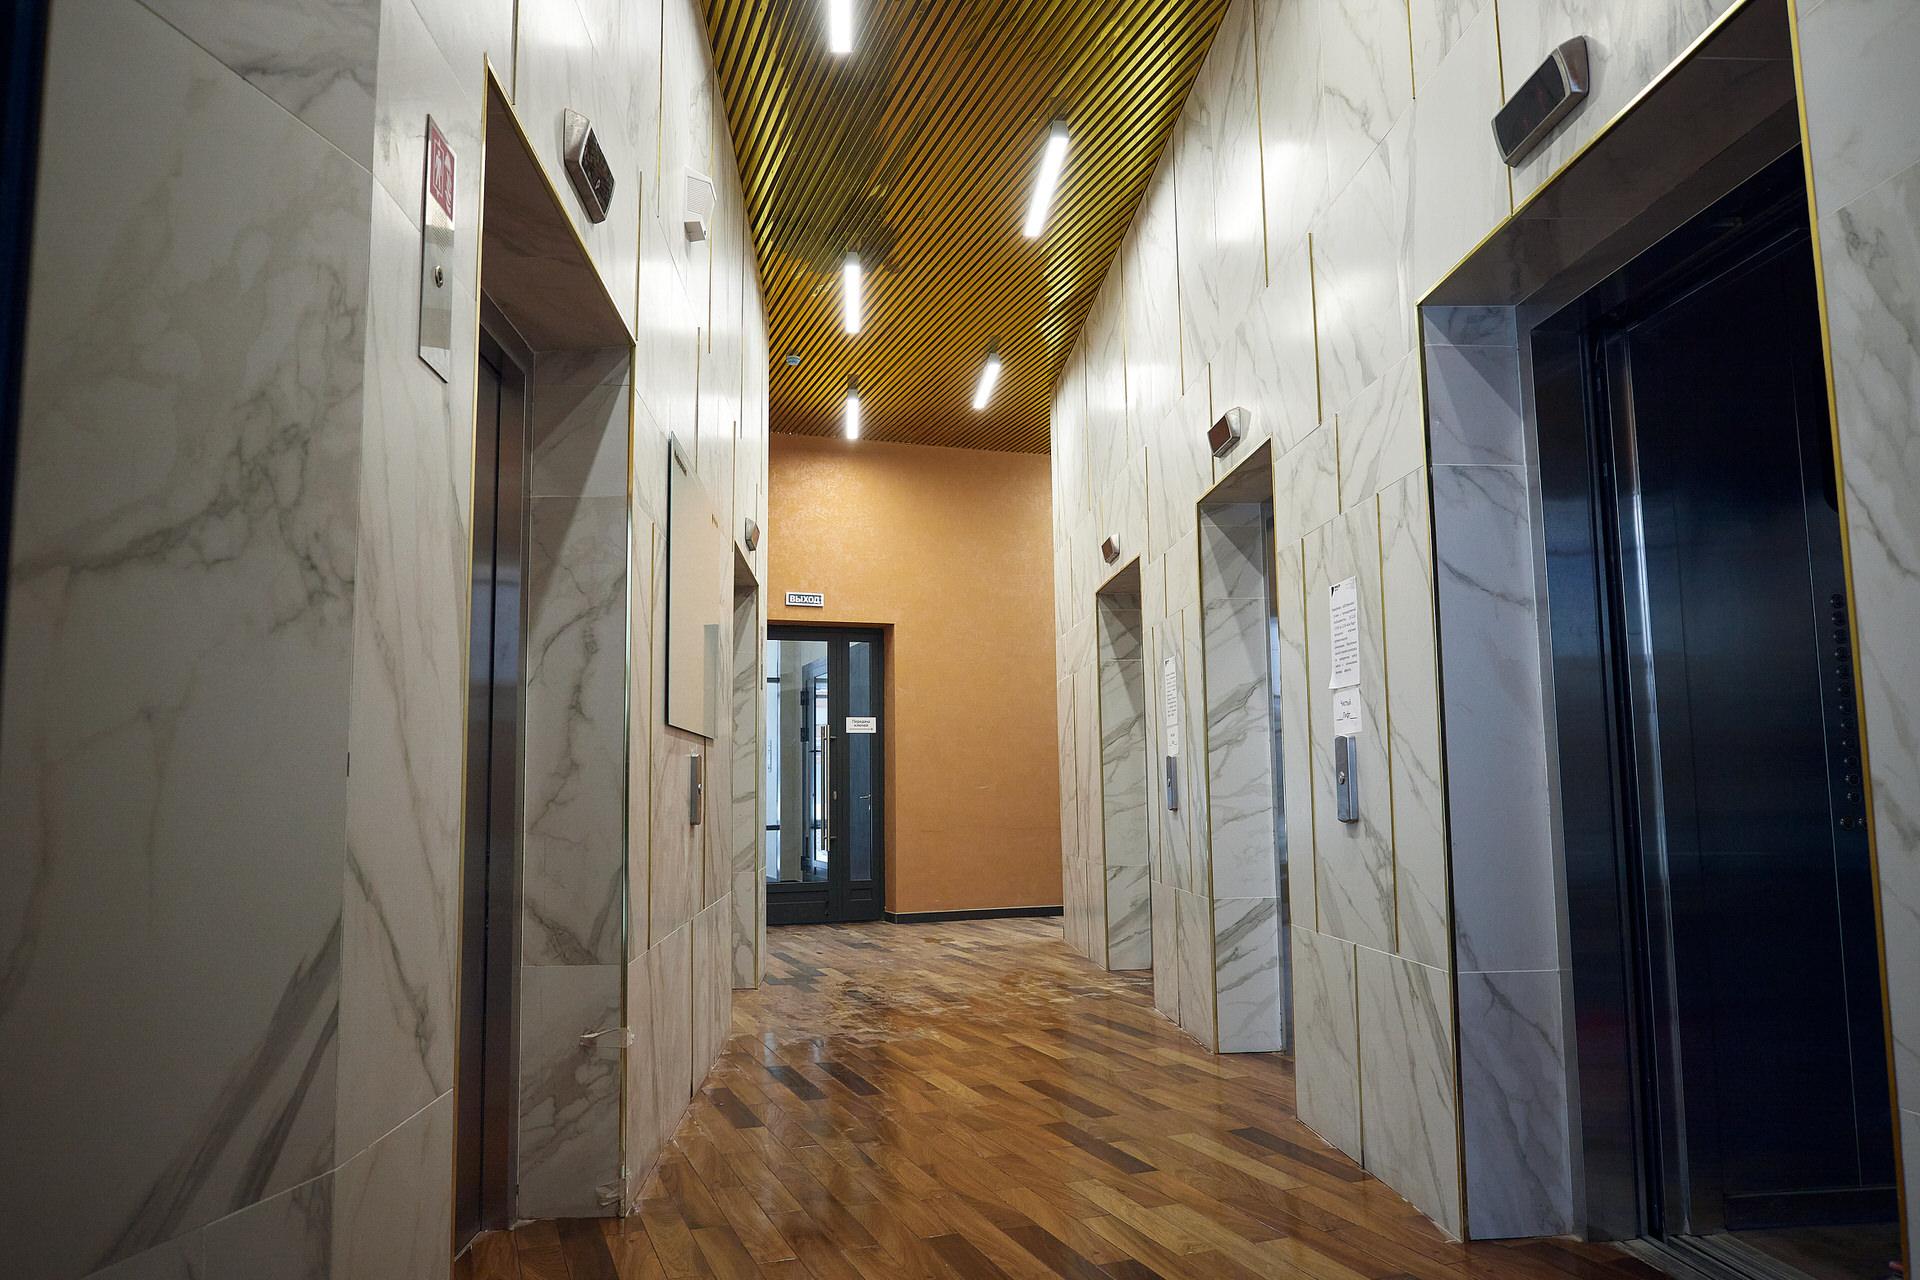 В первой башне ЖК «Татлин» 5 грузопассажирских лифтов, вовторой башне 6 лифтов, втретьей — 5